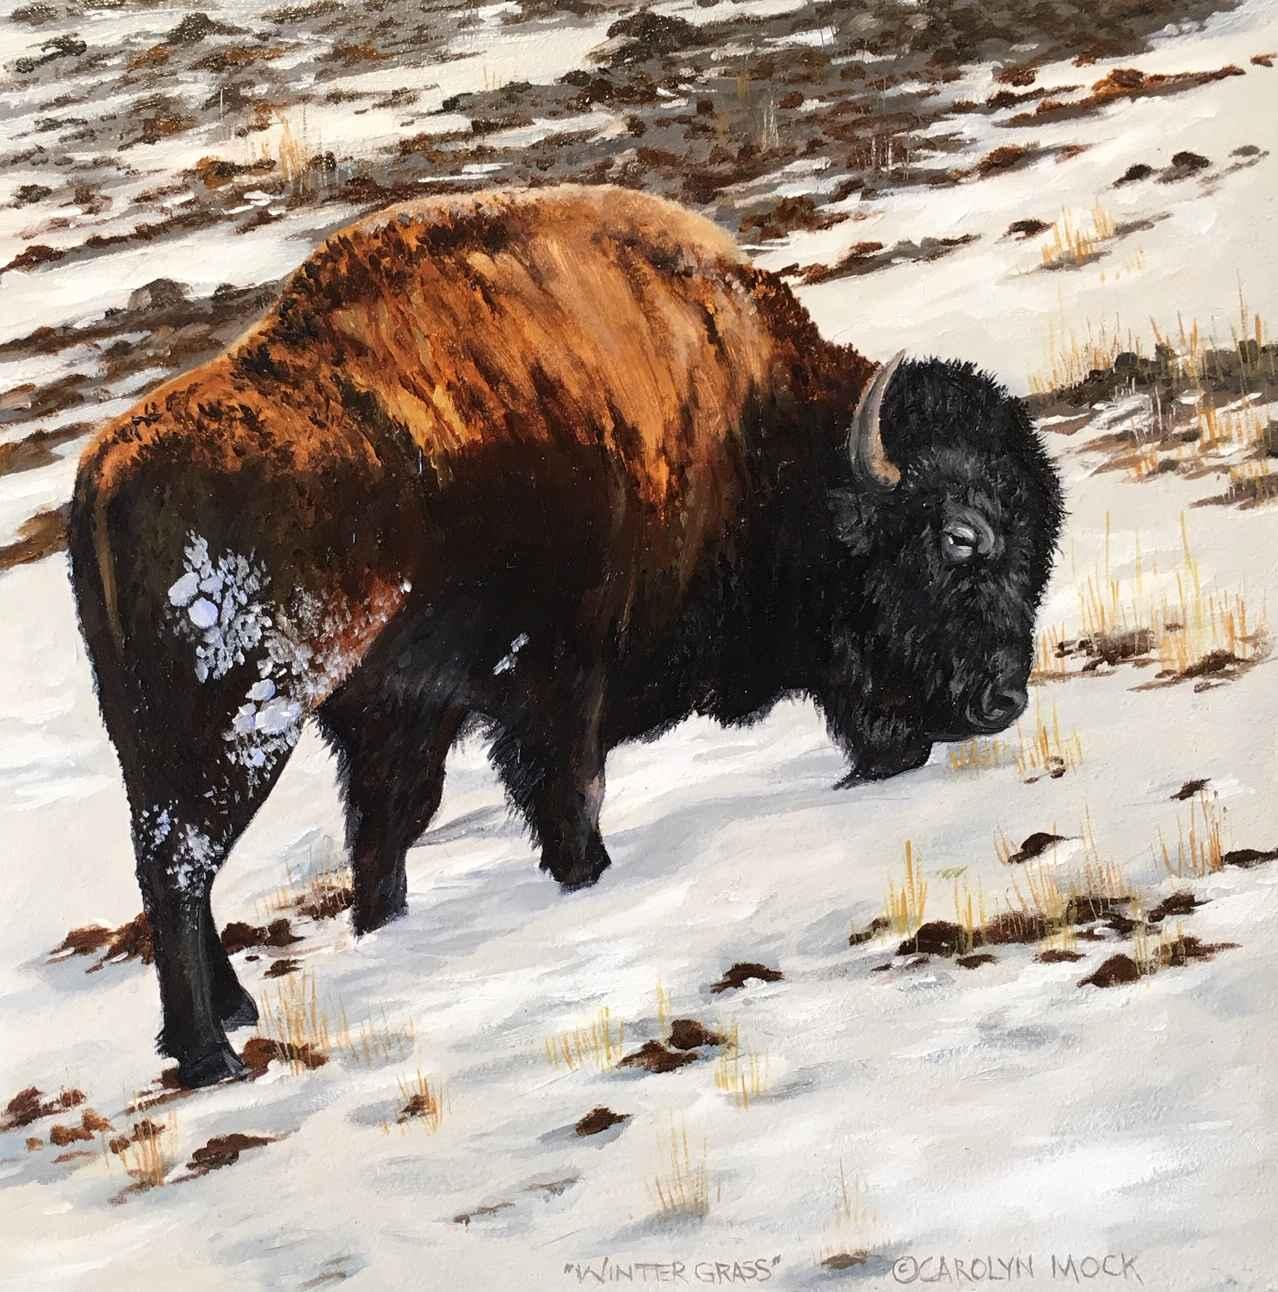 Winter Grass by  Carolyn Mock - Masterpiece Online